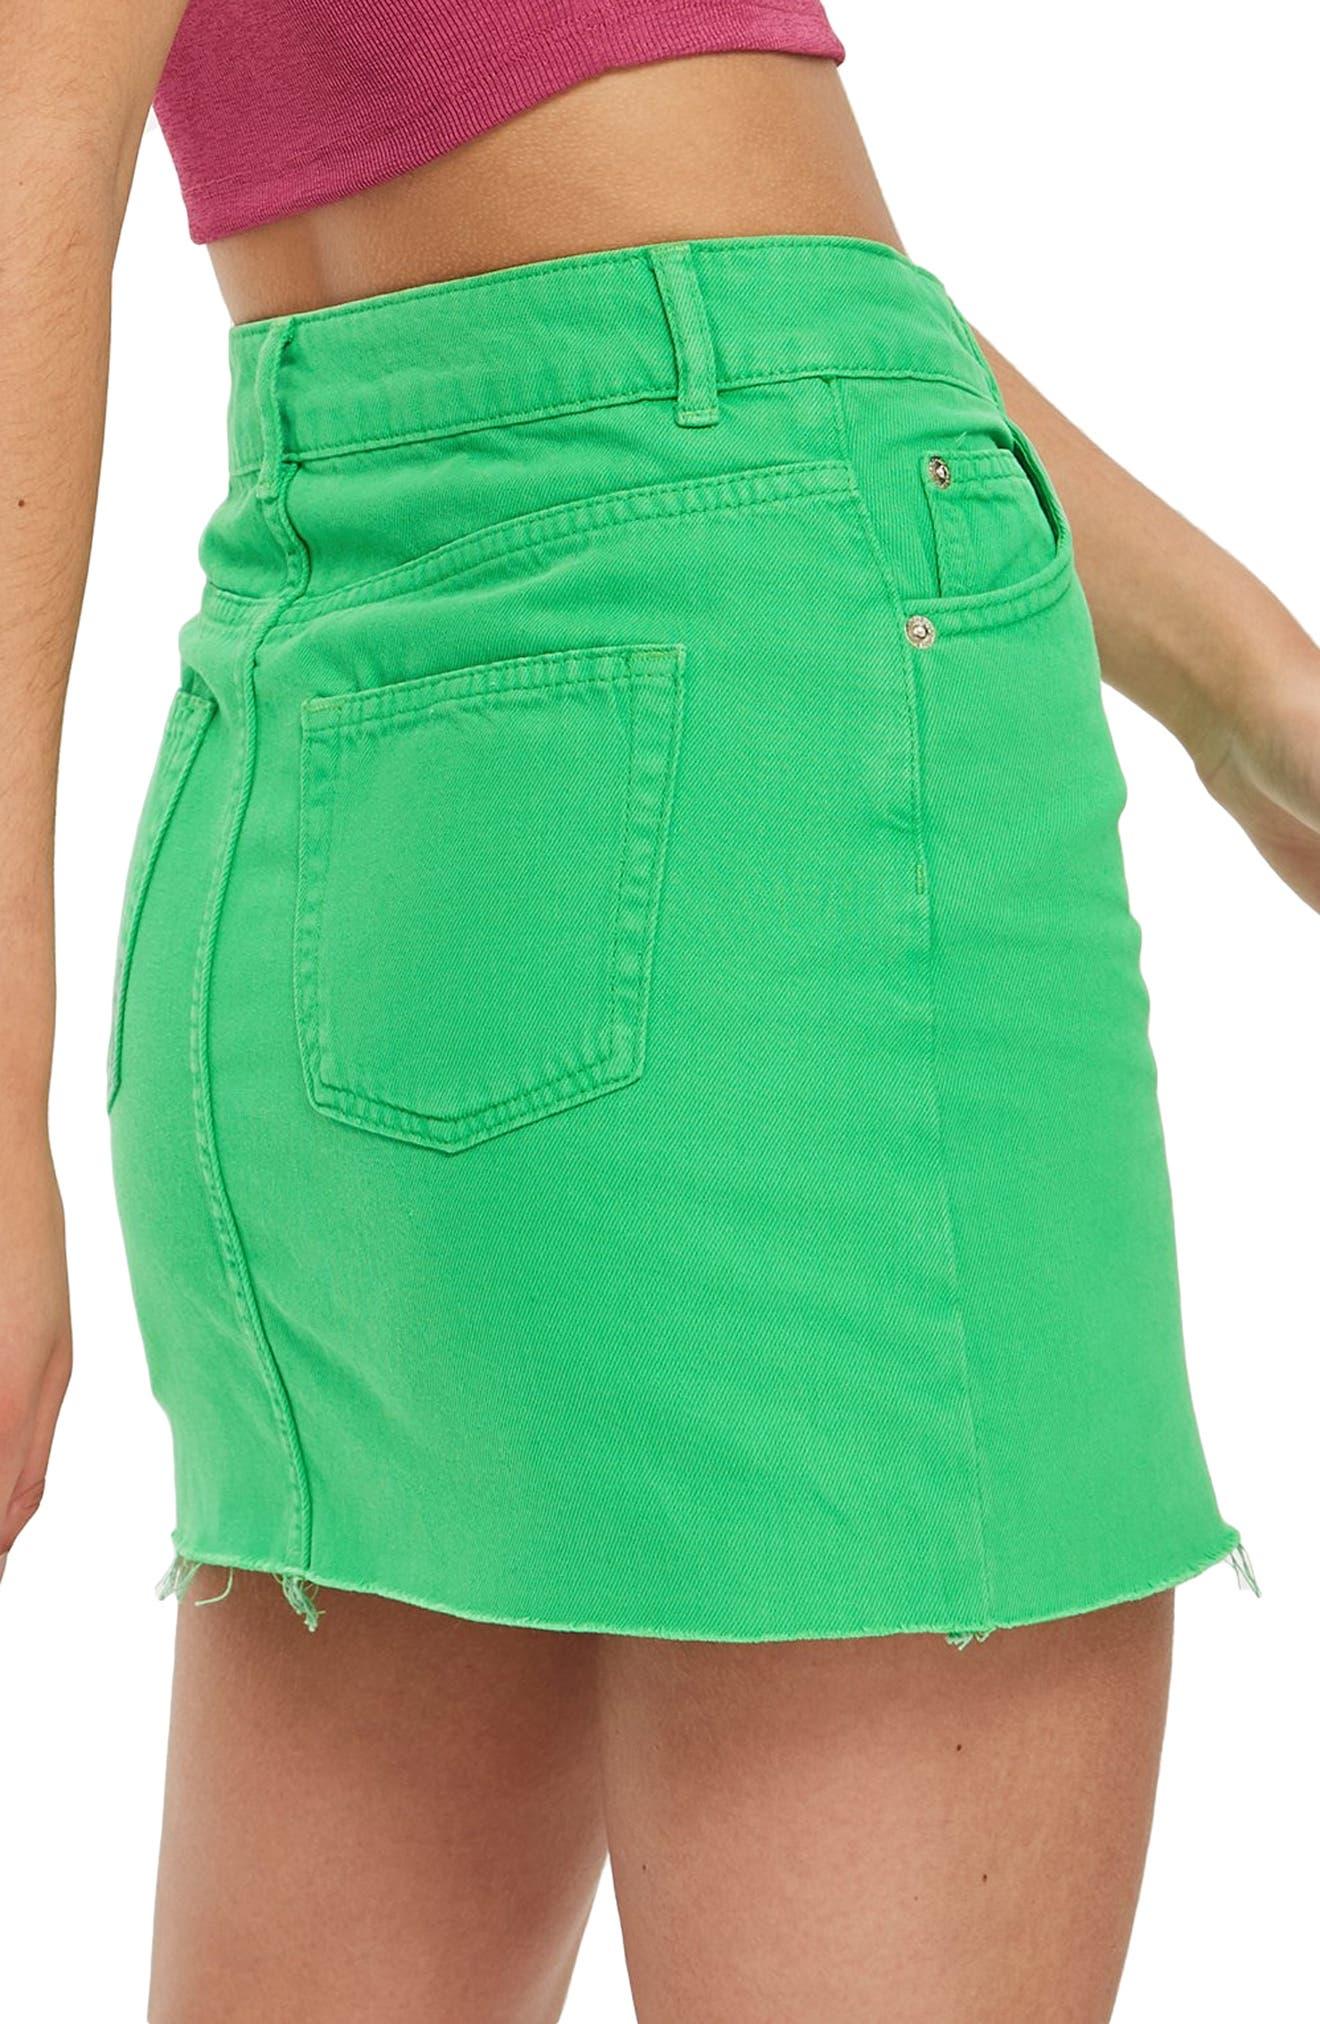 MOTO High Waist Denim Skirt,                             Alternate thumbnail 2, color,                             320